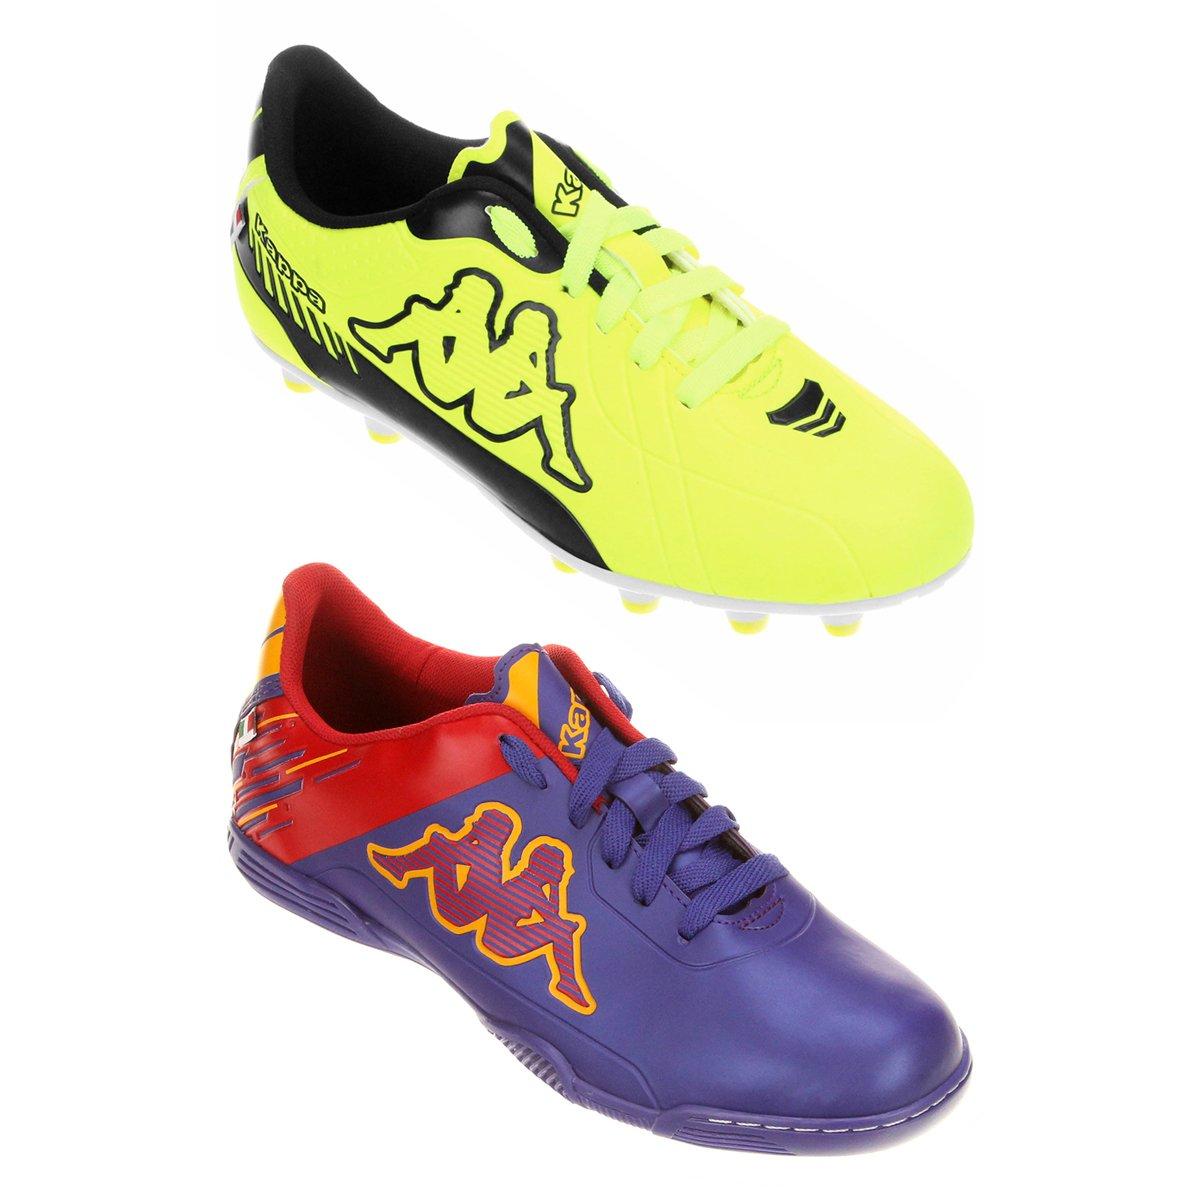 1b15507797 Kit Chuteira Kappa Viento Futsal + Chuteira Kappa Torino Campo - Compre  Agora